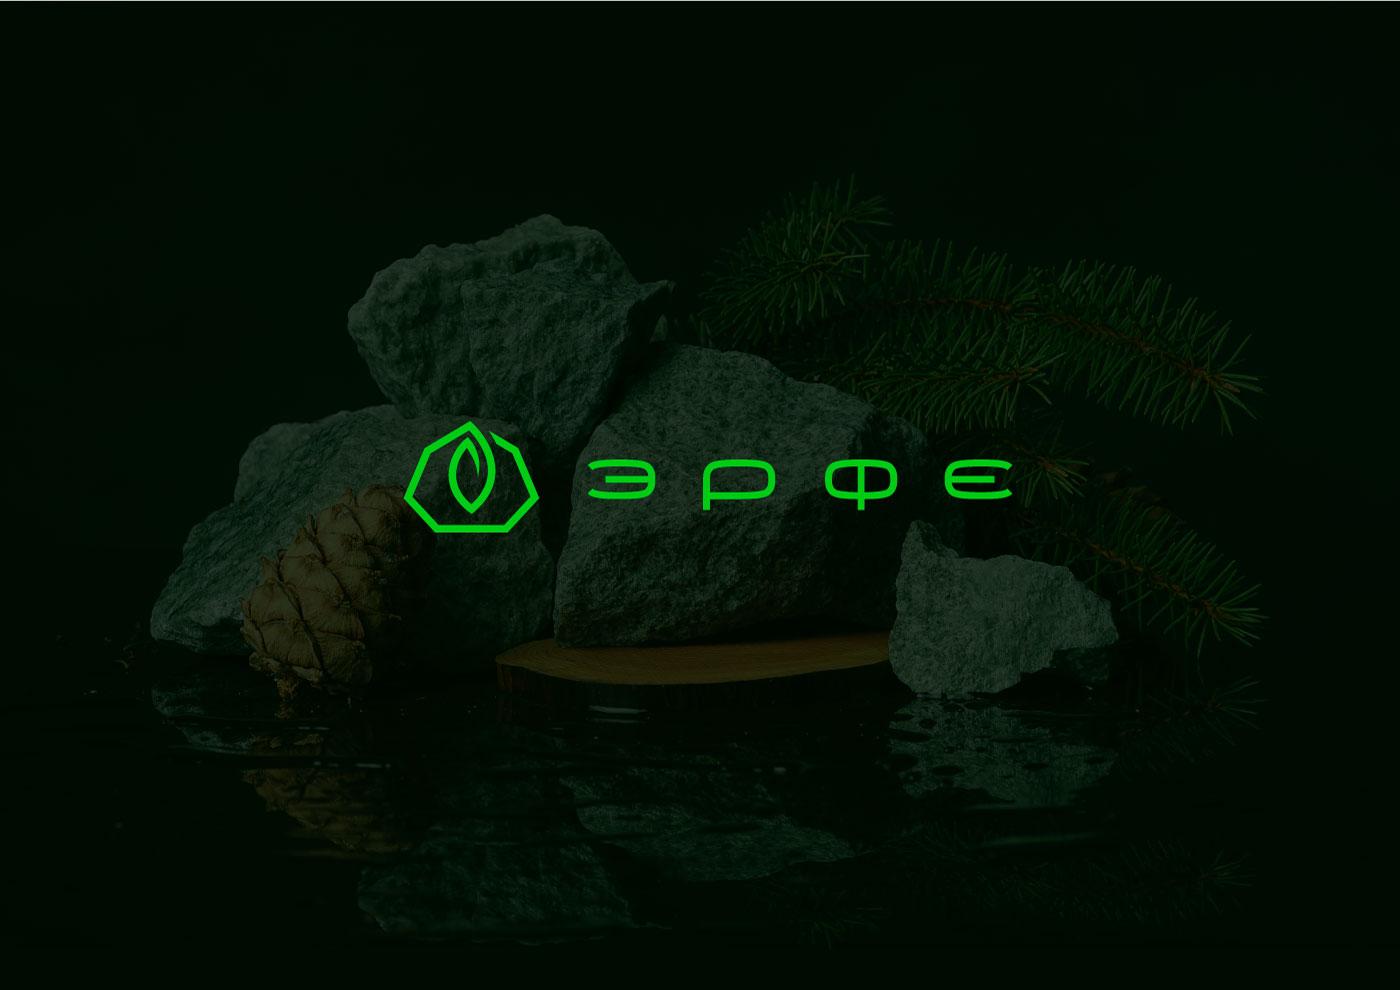 シベリアヒスイErfeのためのロゴデザイン